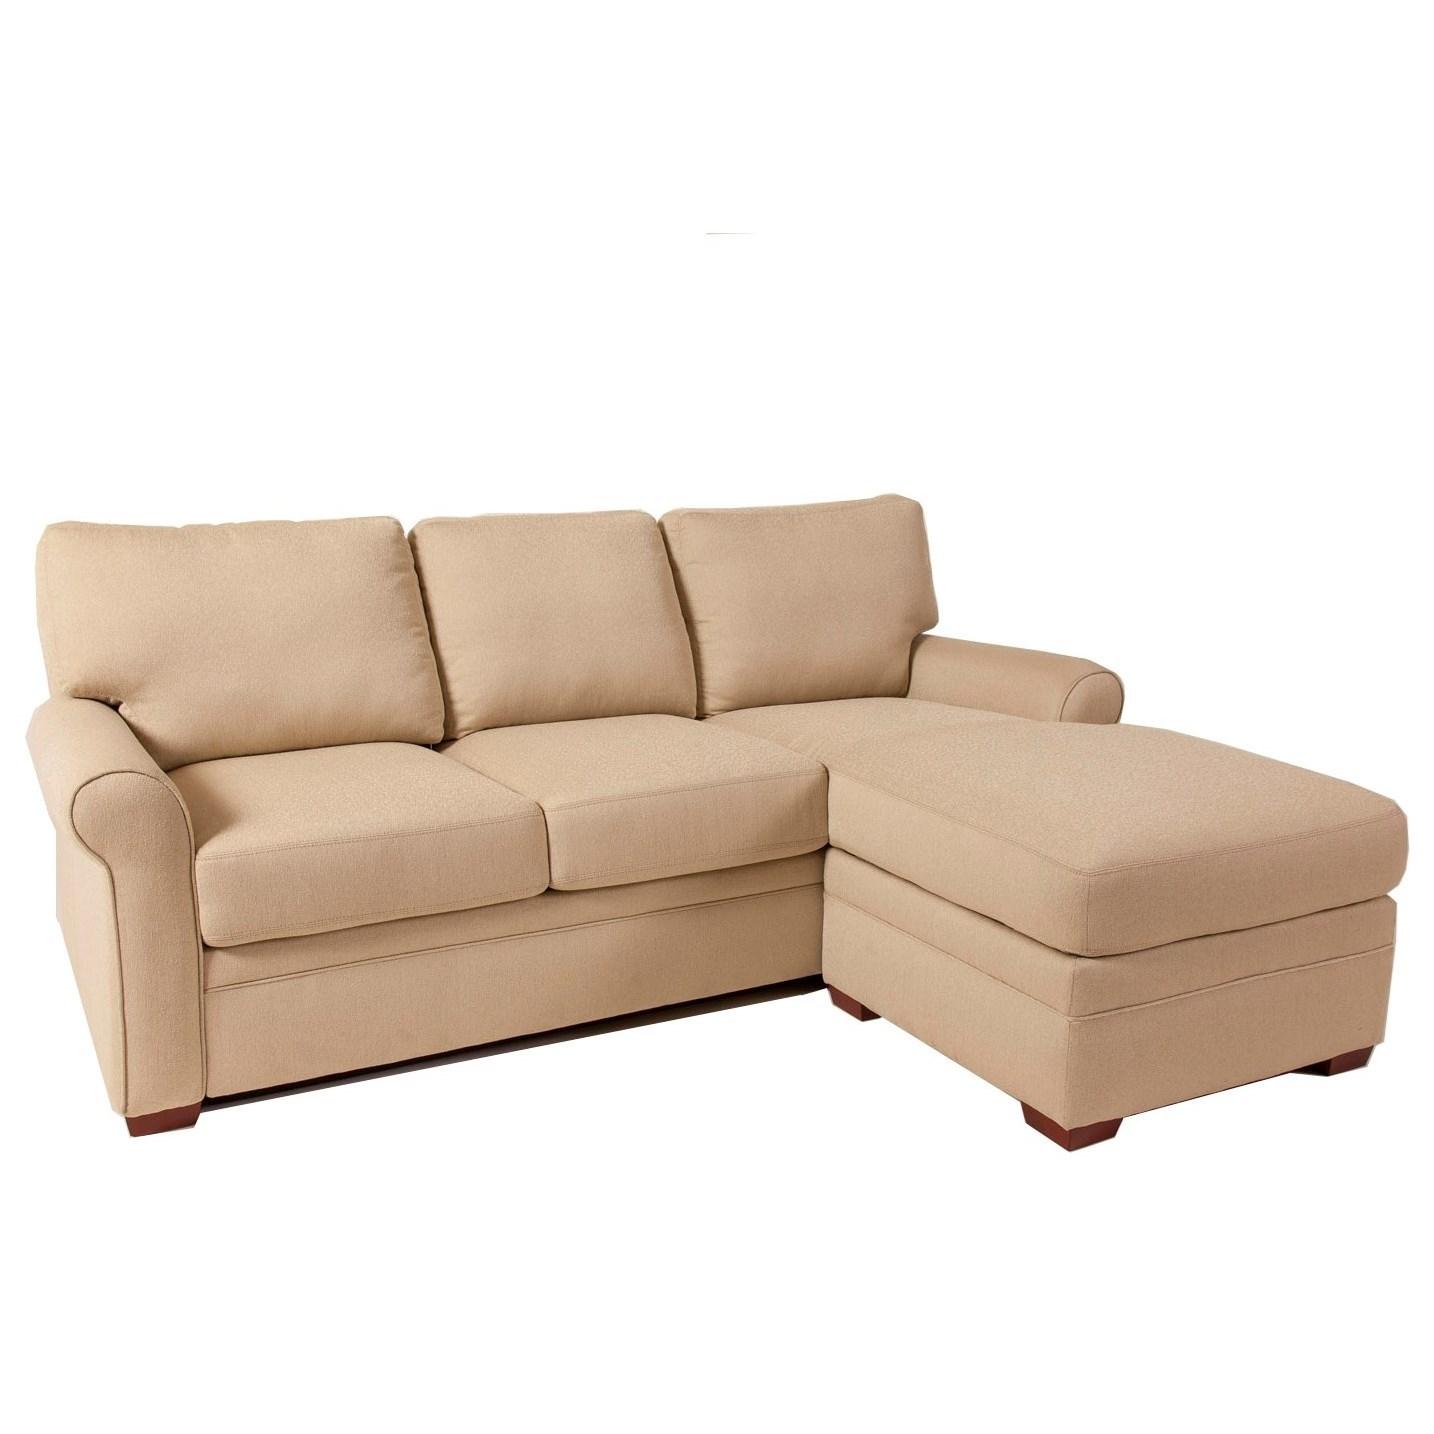 American Leather Comfort Sleeper Gina Queen Gel Foam